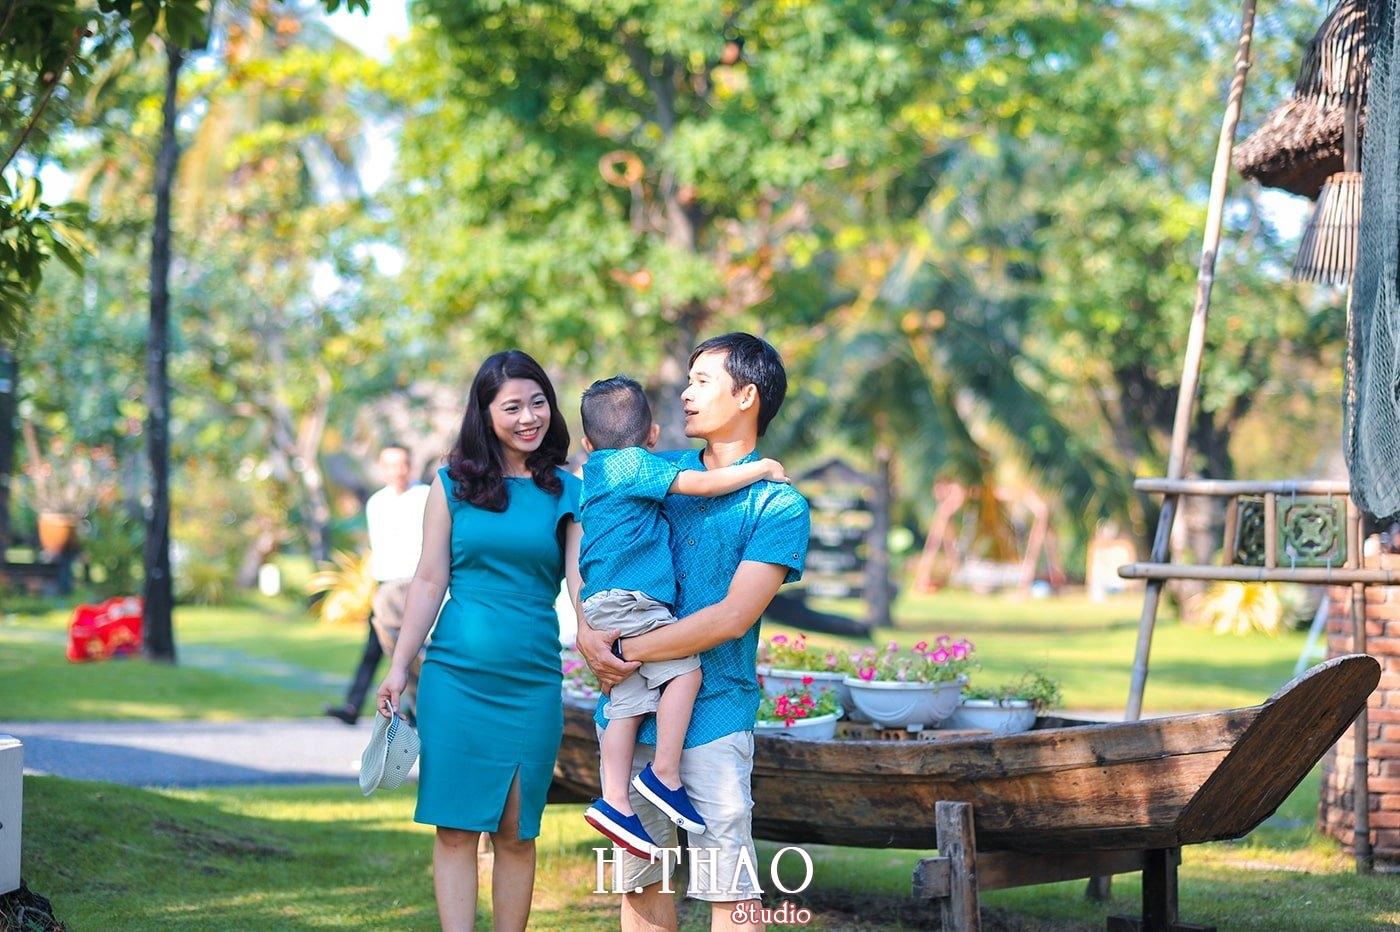 Anh gia dinh 3 nguoi 9 - Báo giá chụp hình gia đình